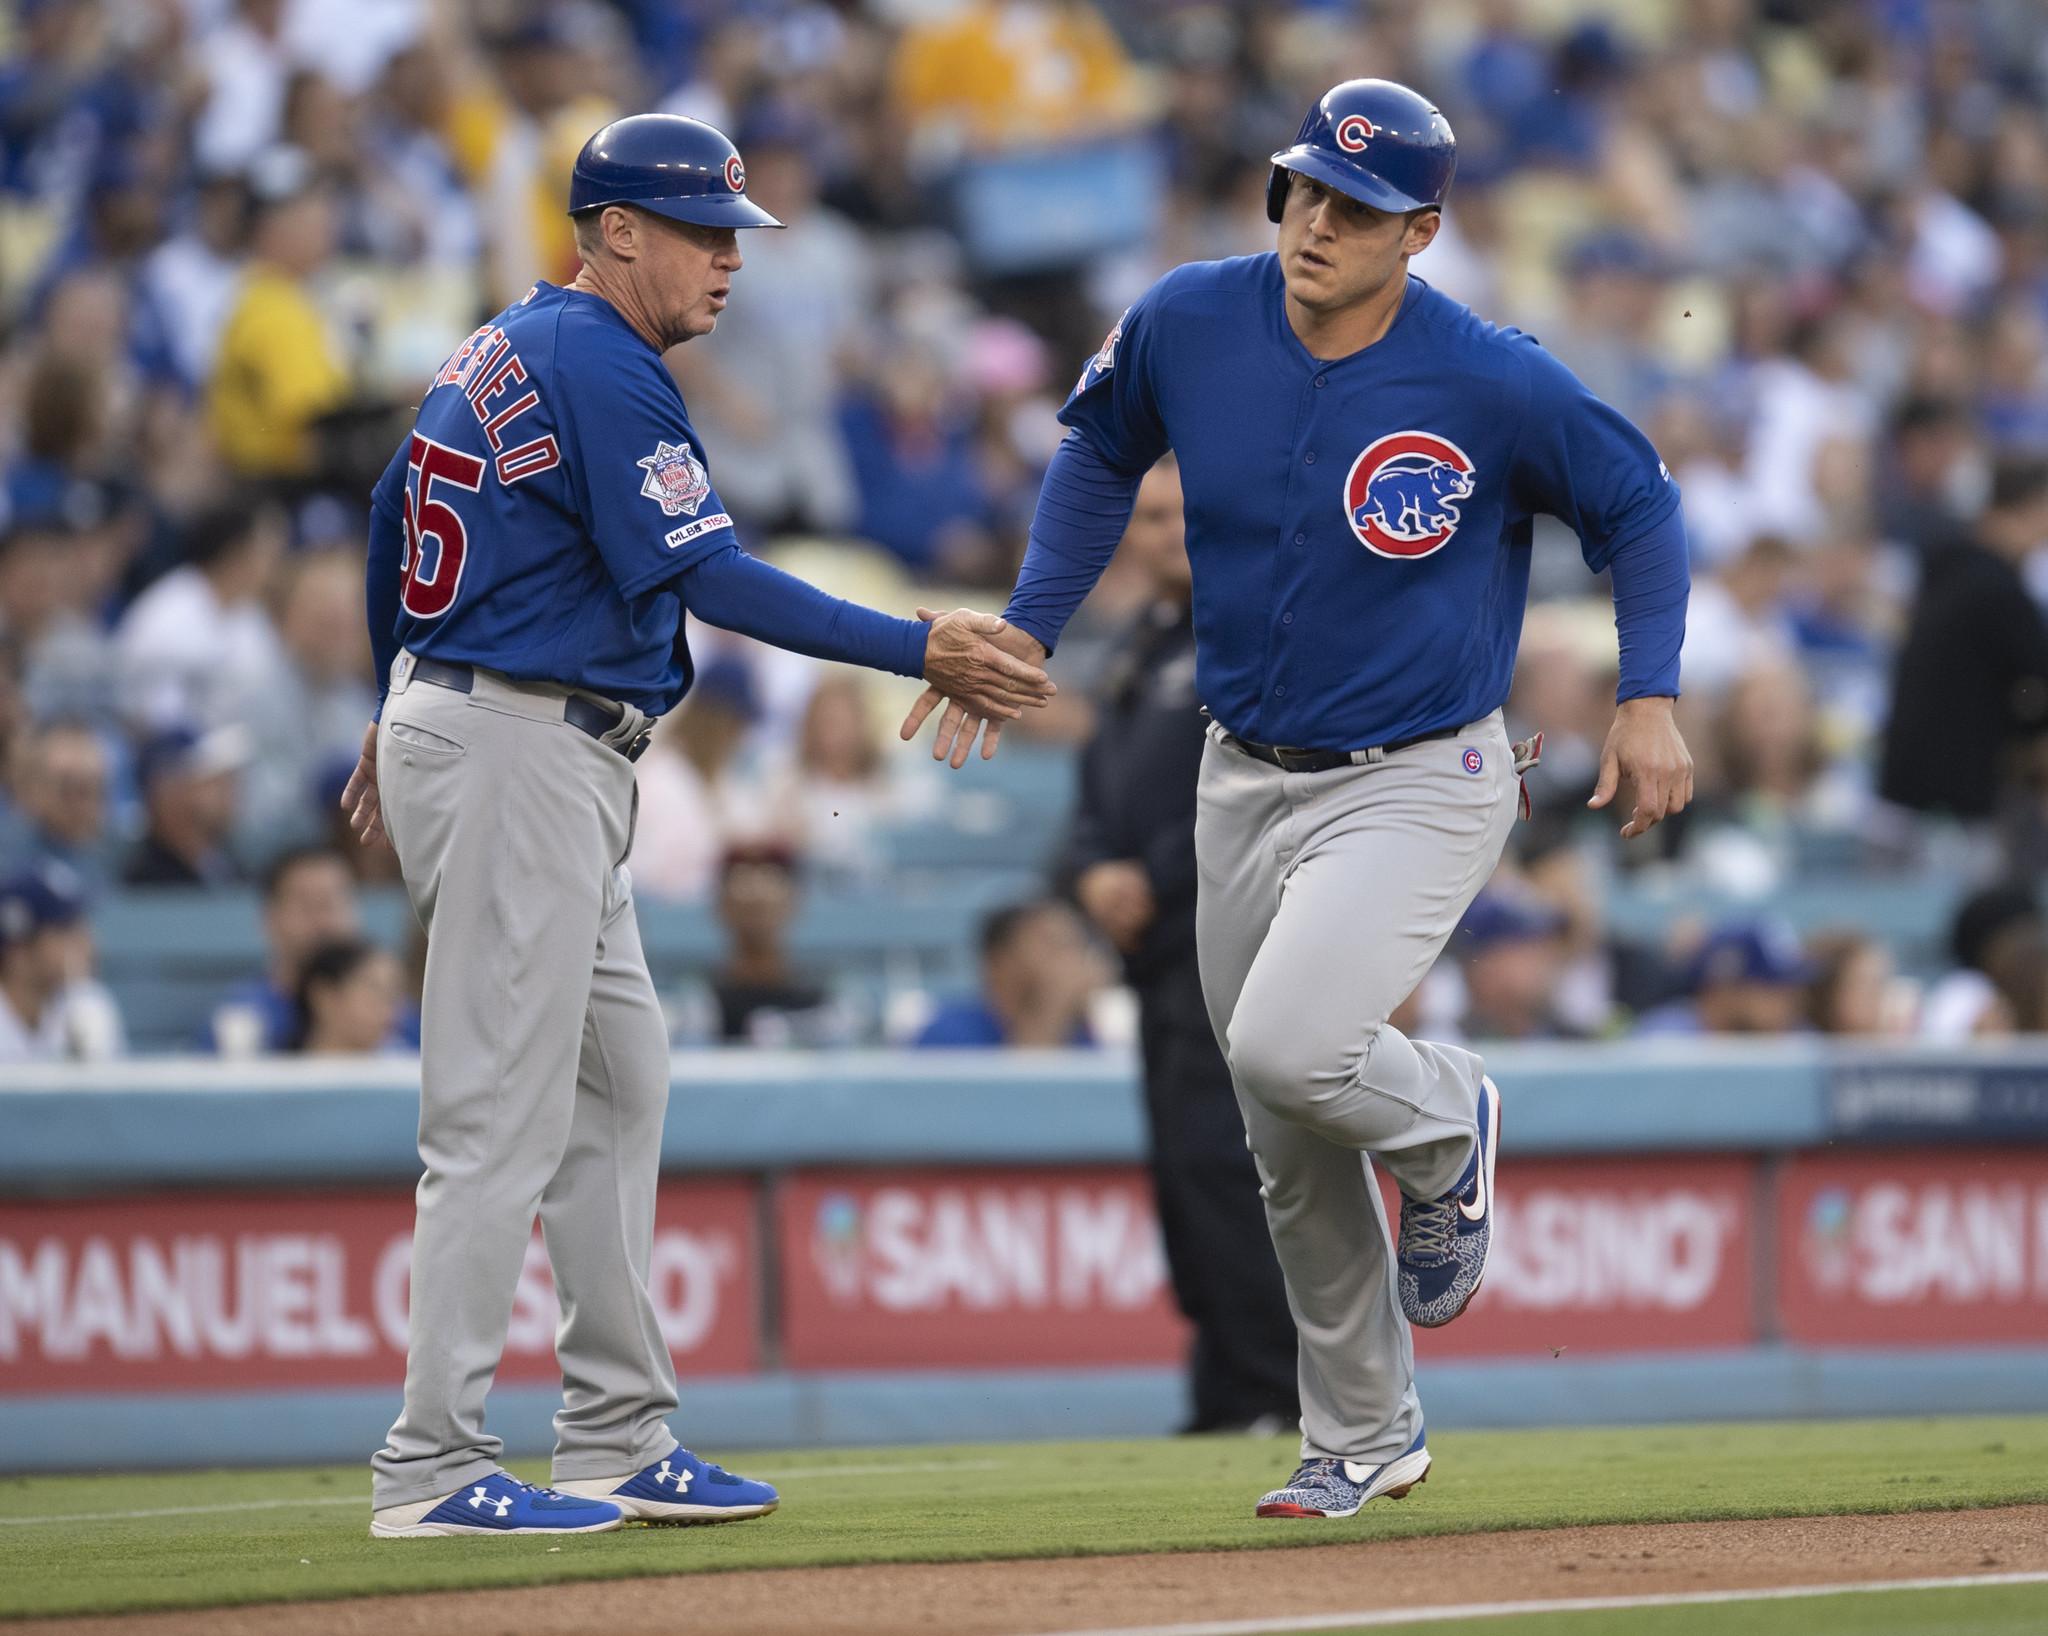 Cubs vs. Dodgers